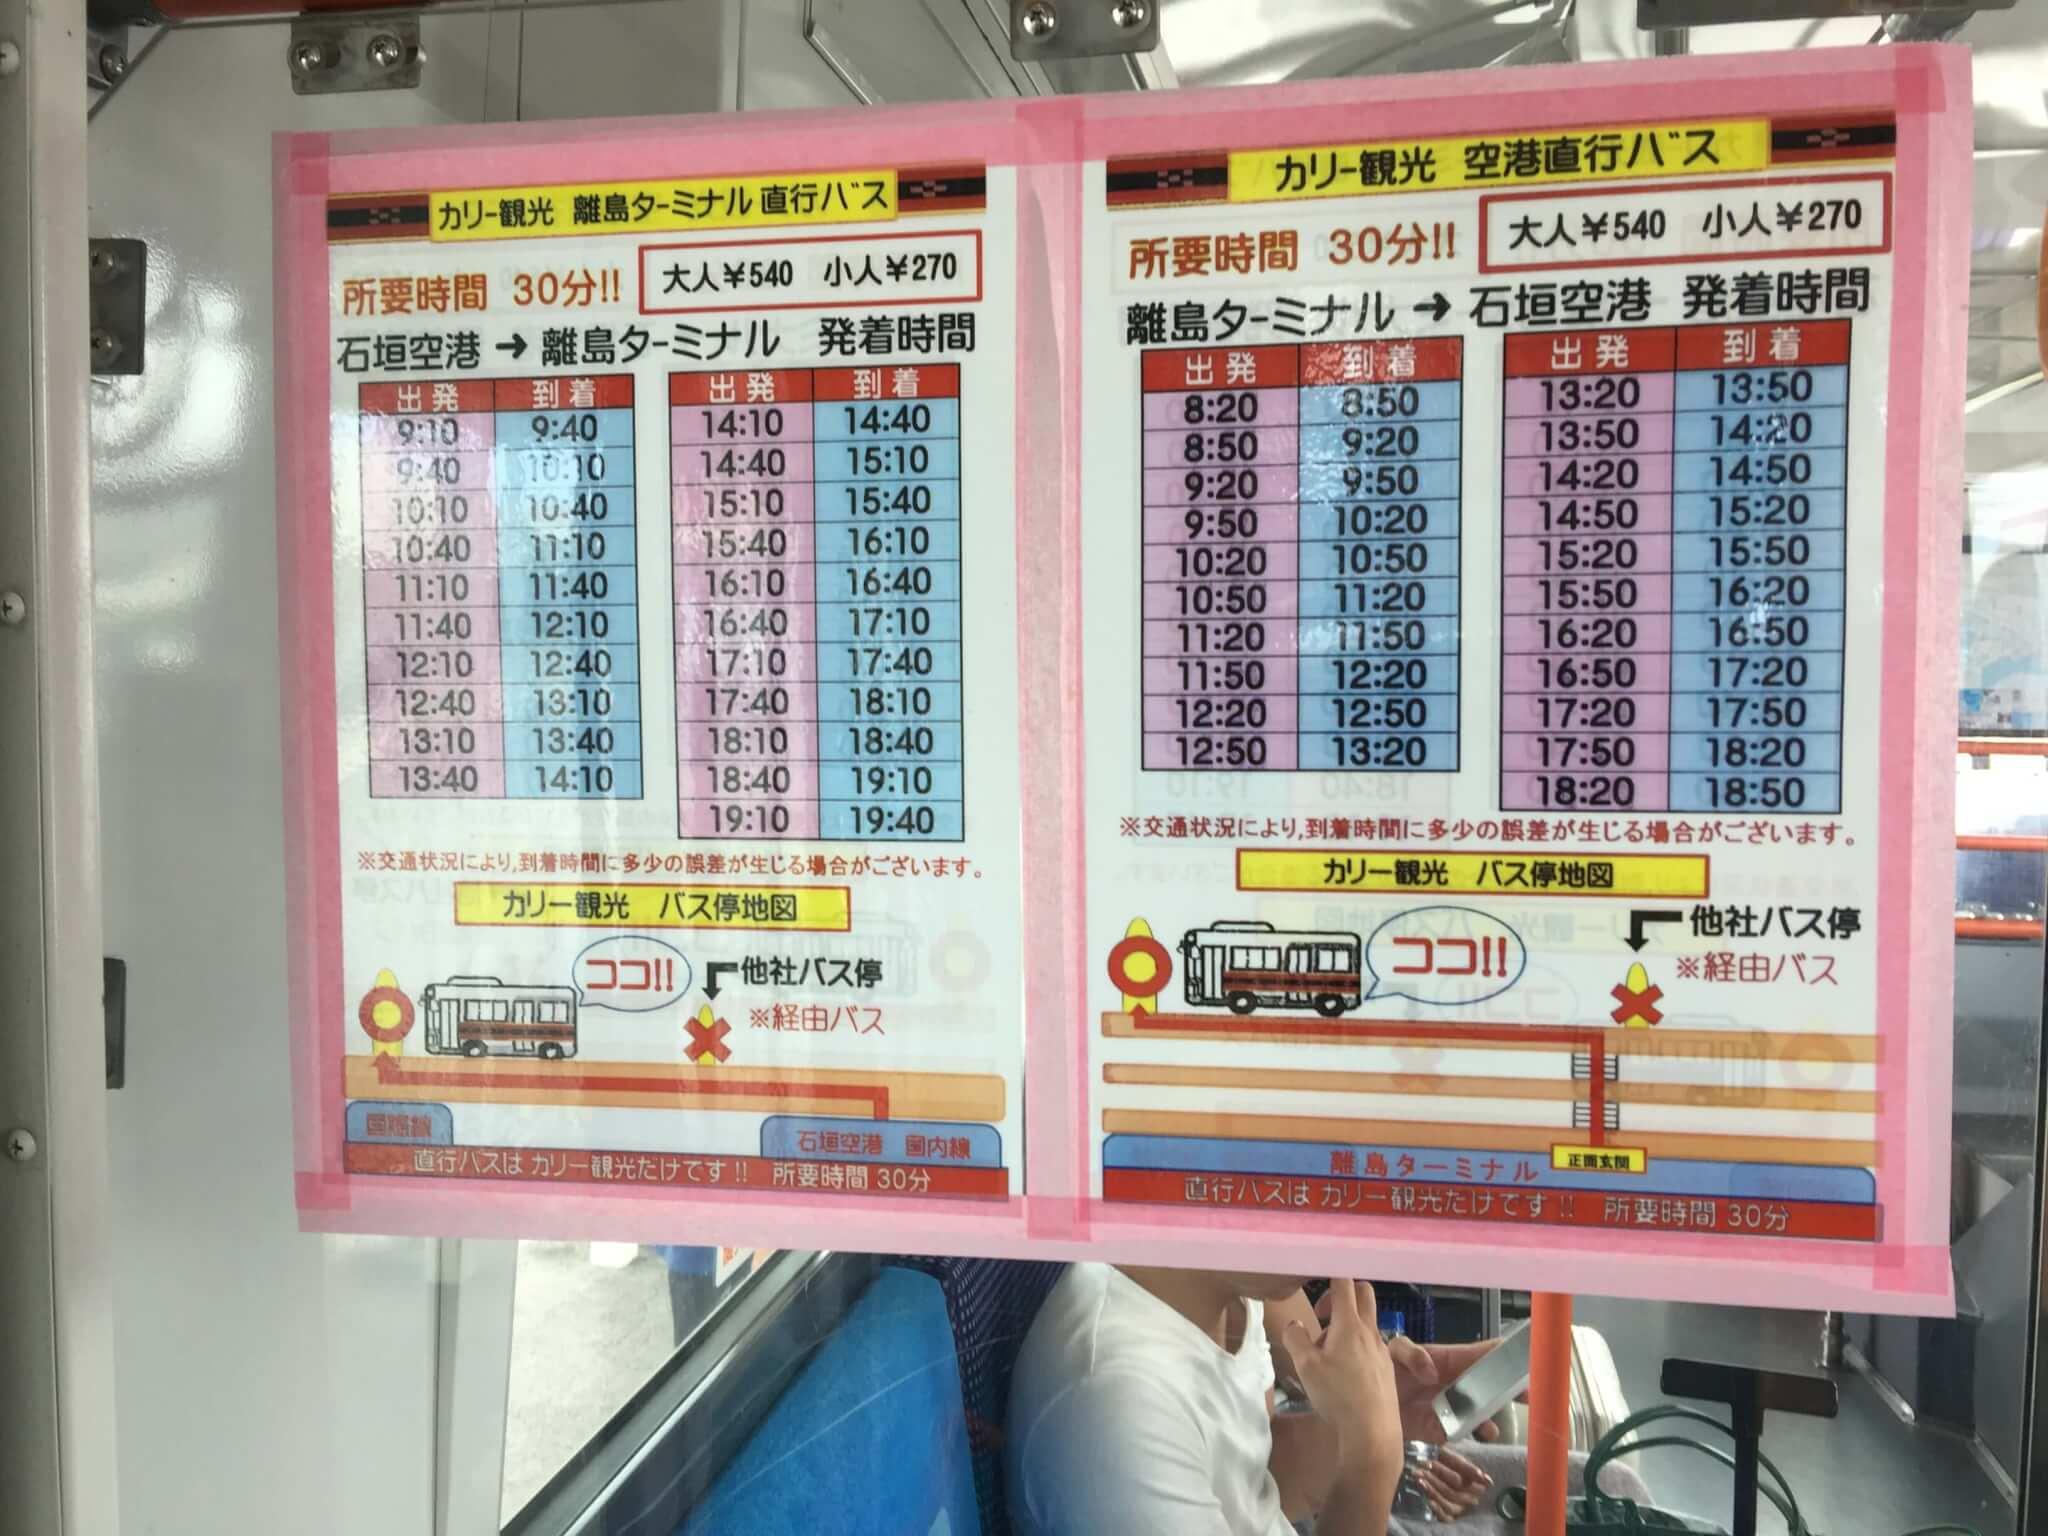 カリー観光のバスの時刻表